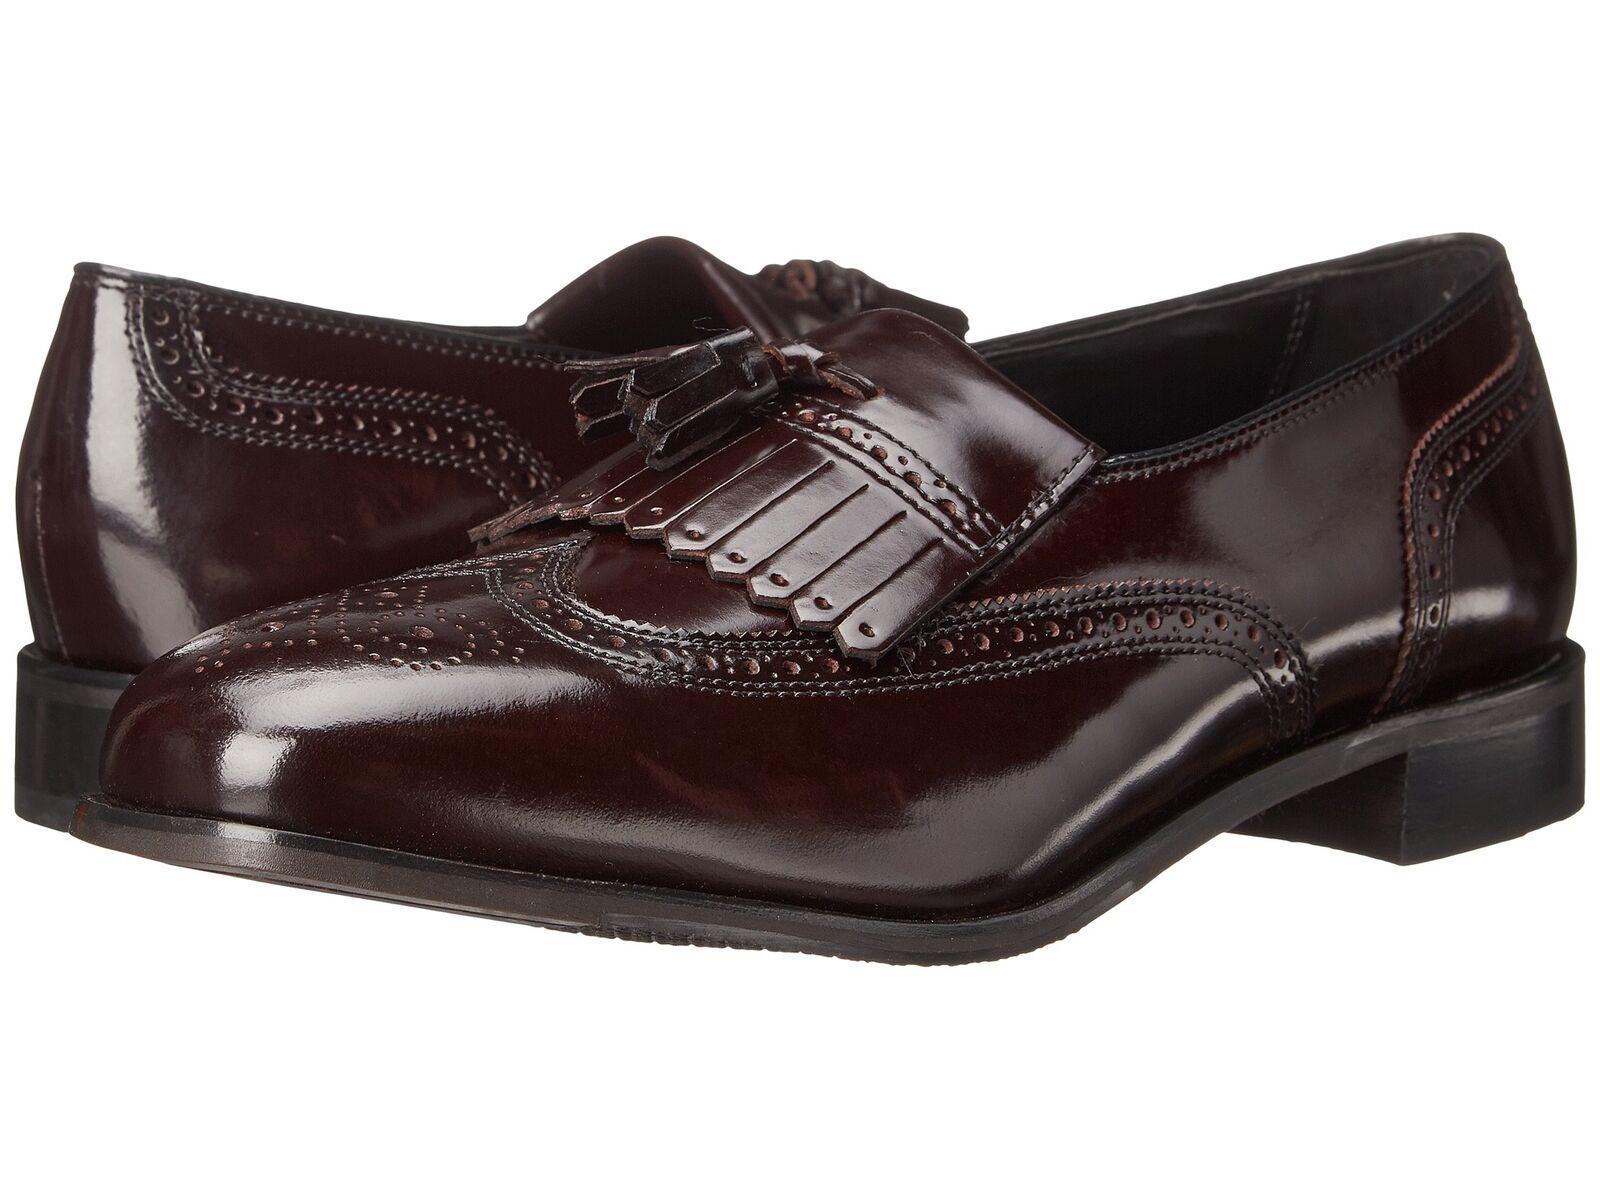 Florsheim Men's Lexington leather loafer Burgundy shoes 17073-05